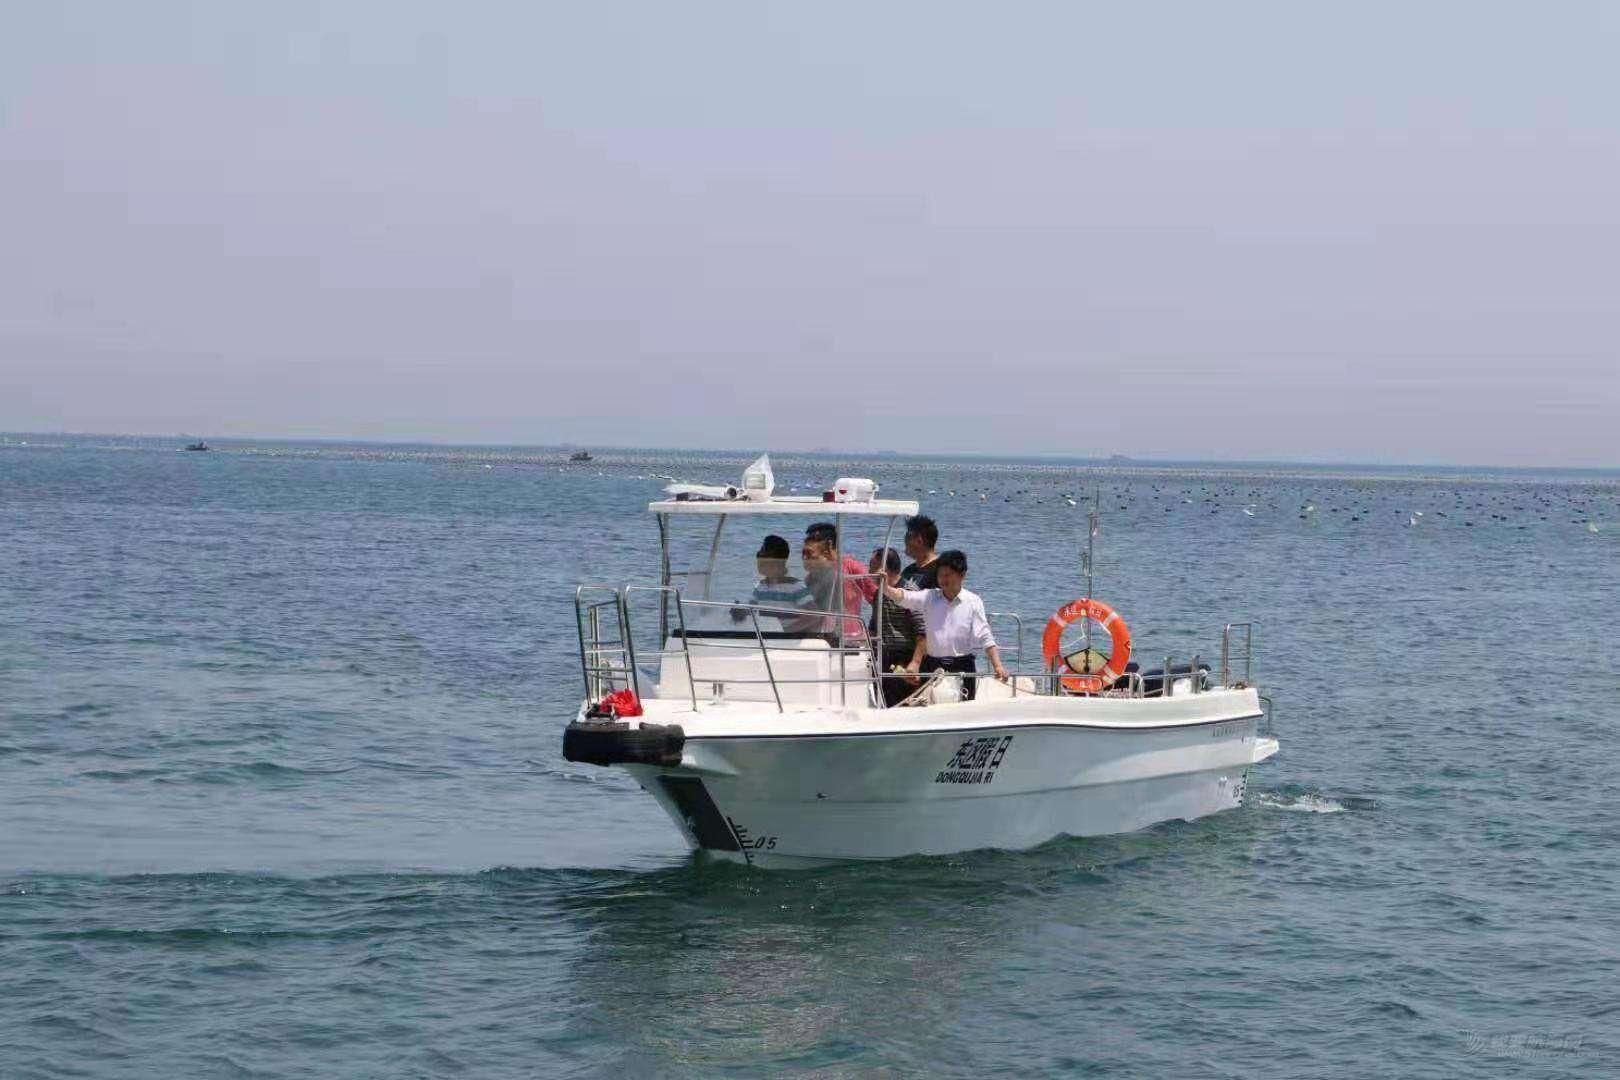 珠海海岛海钓船,可船矶,矶钓,海岛游!